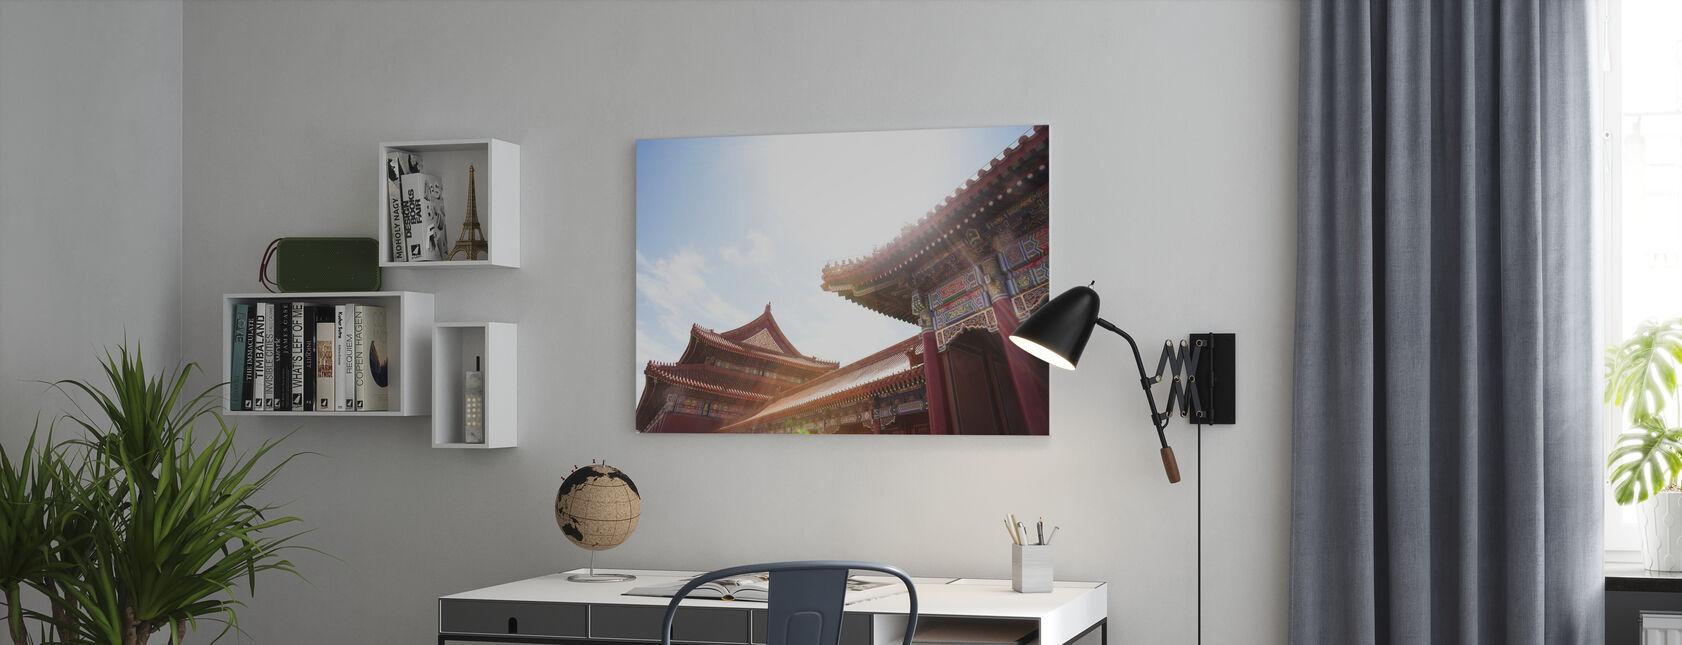 Bejing-gebouwen - Canvas print - Kantoor